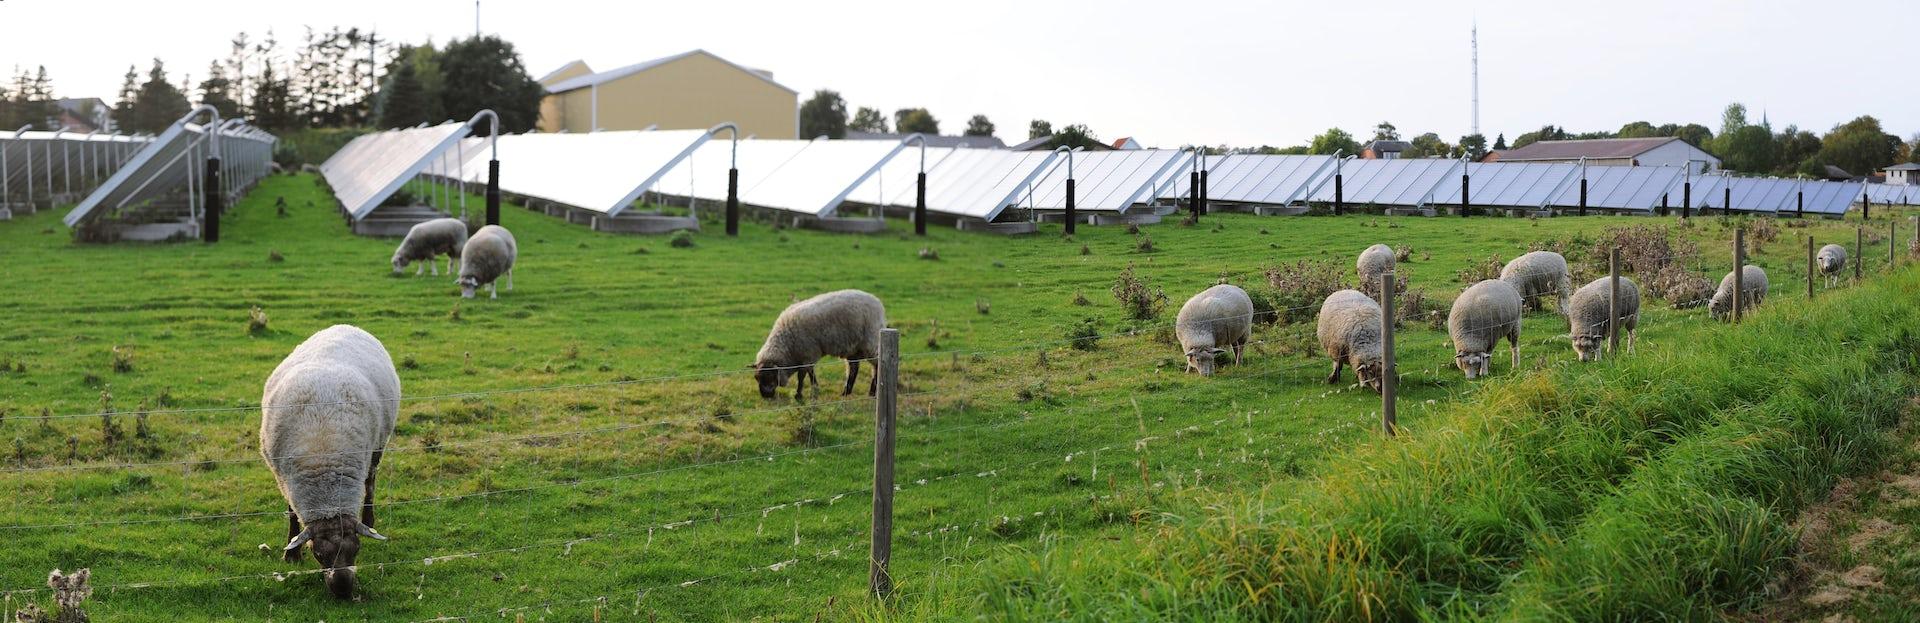 des panneaux solaires sur une ferme